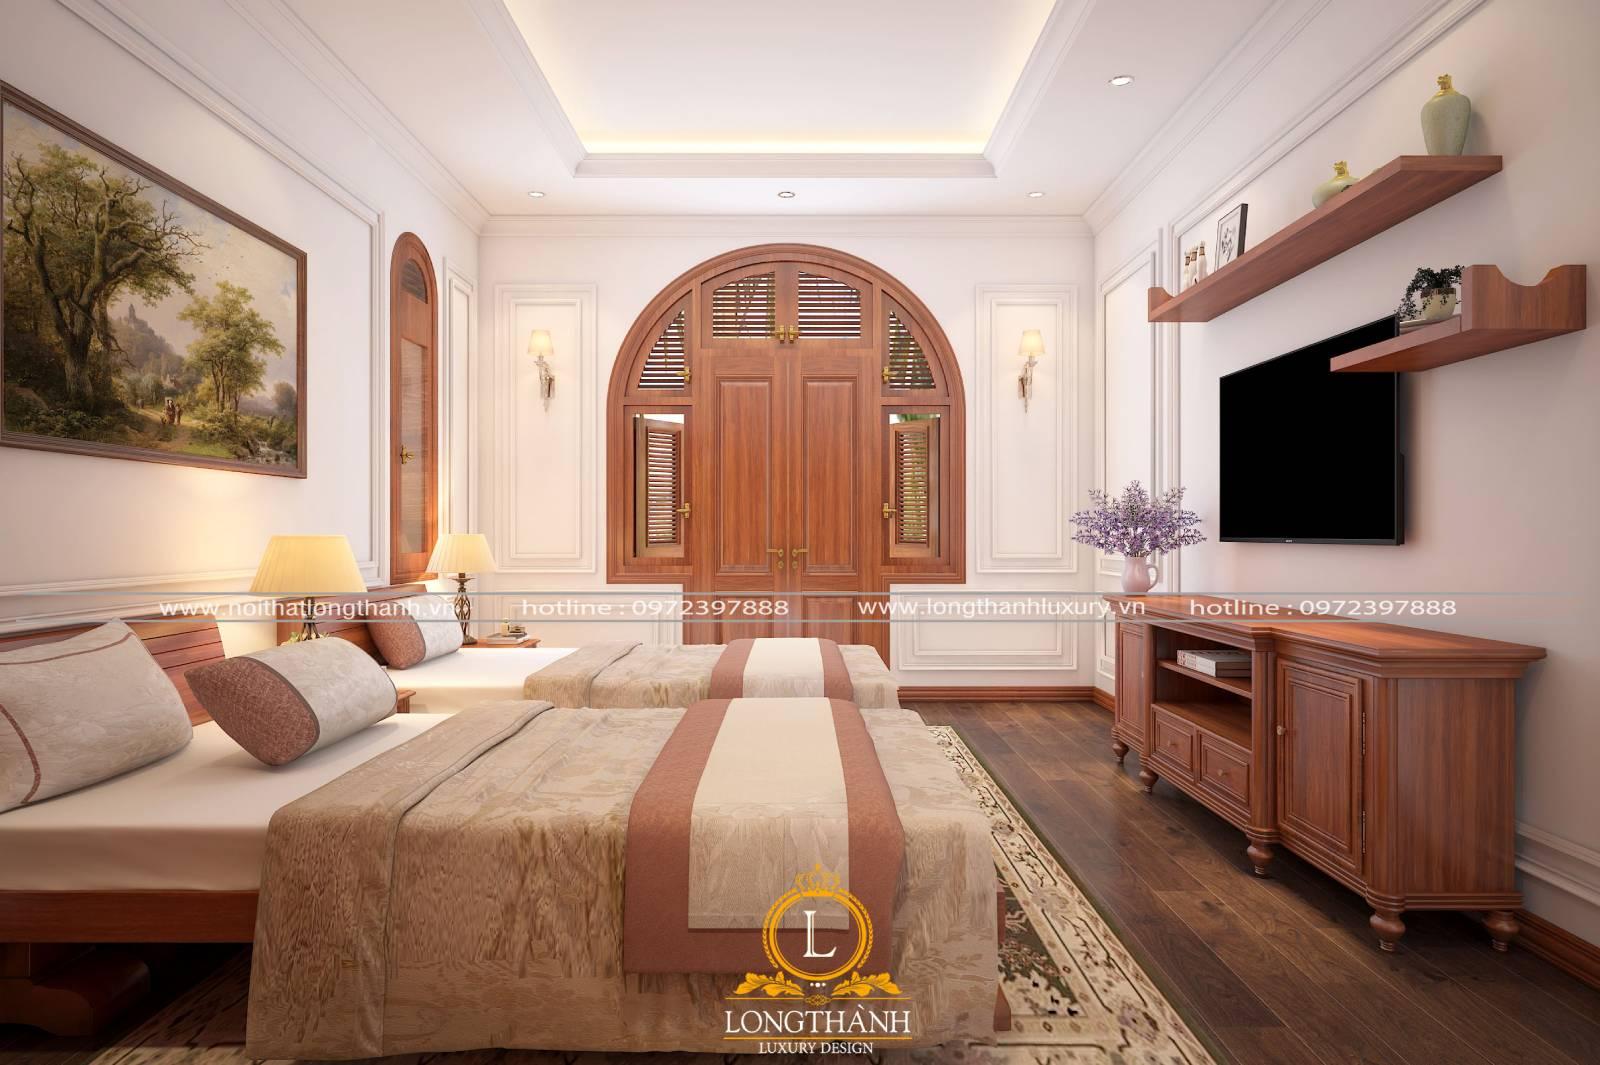 Phòng ngủ khách sạn có sự đa dạng về diện tích và không gian